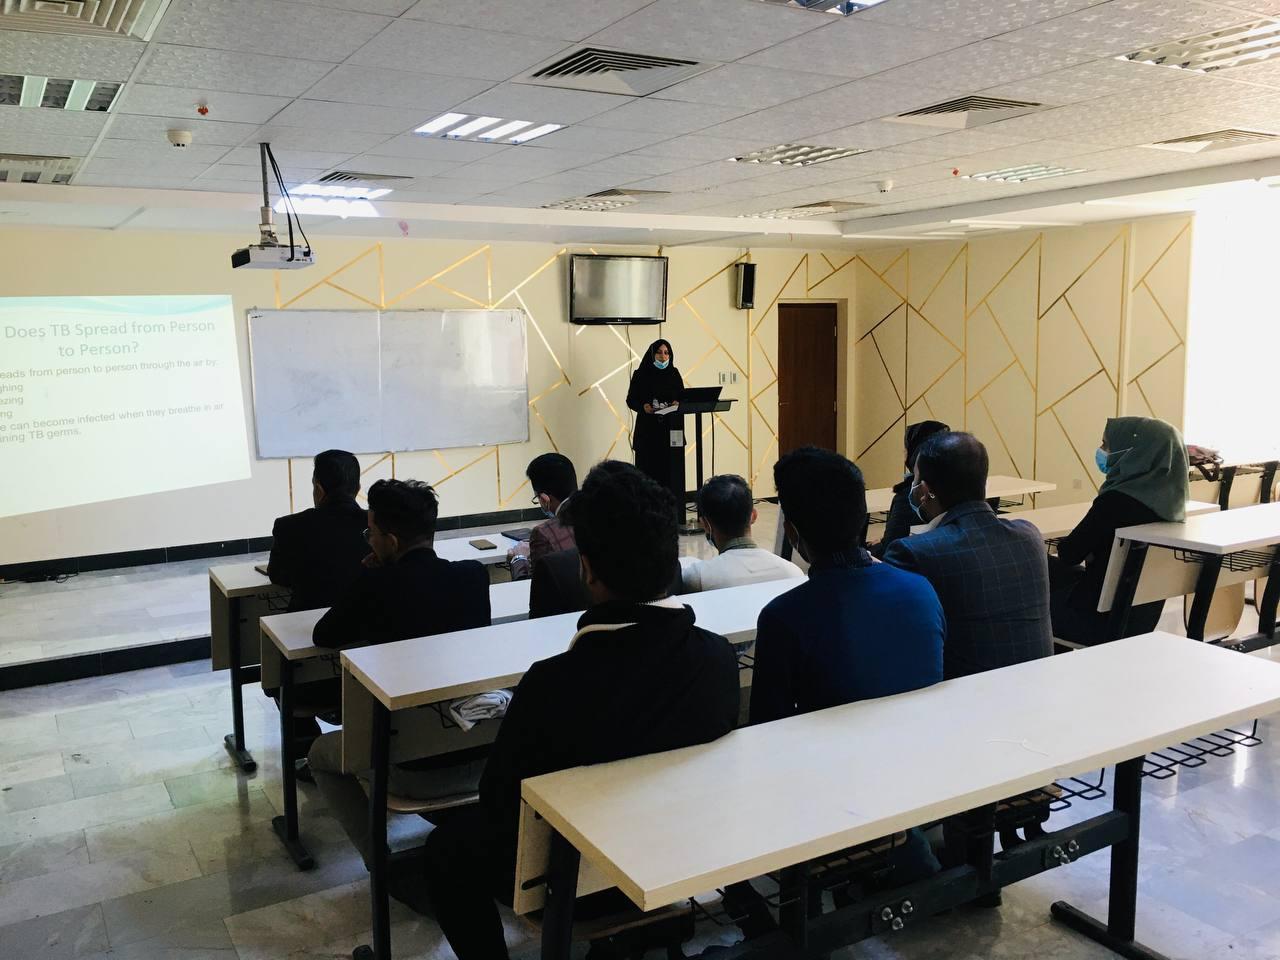 جامعة المثنى تقيم  حلقة نقاشية  بعنوان ( تنمية البيئة المحيطة وسبل الحفاظ عليها)